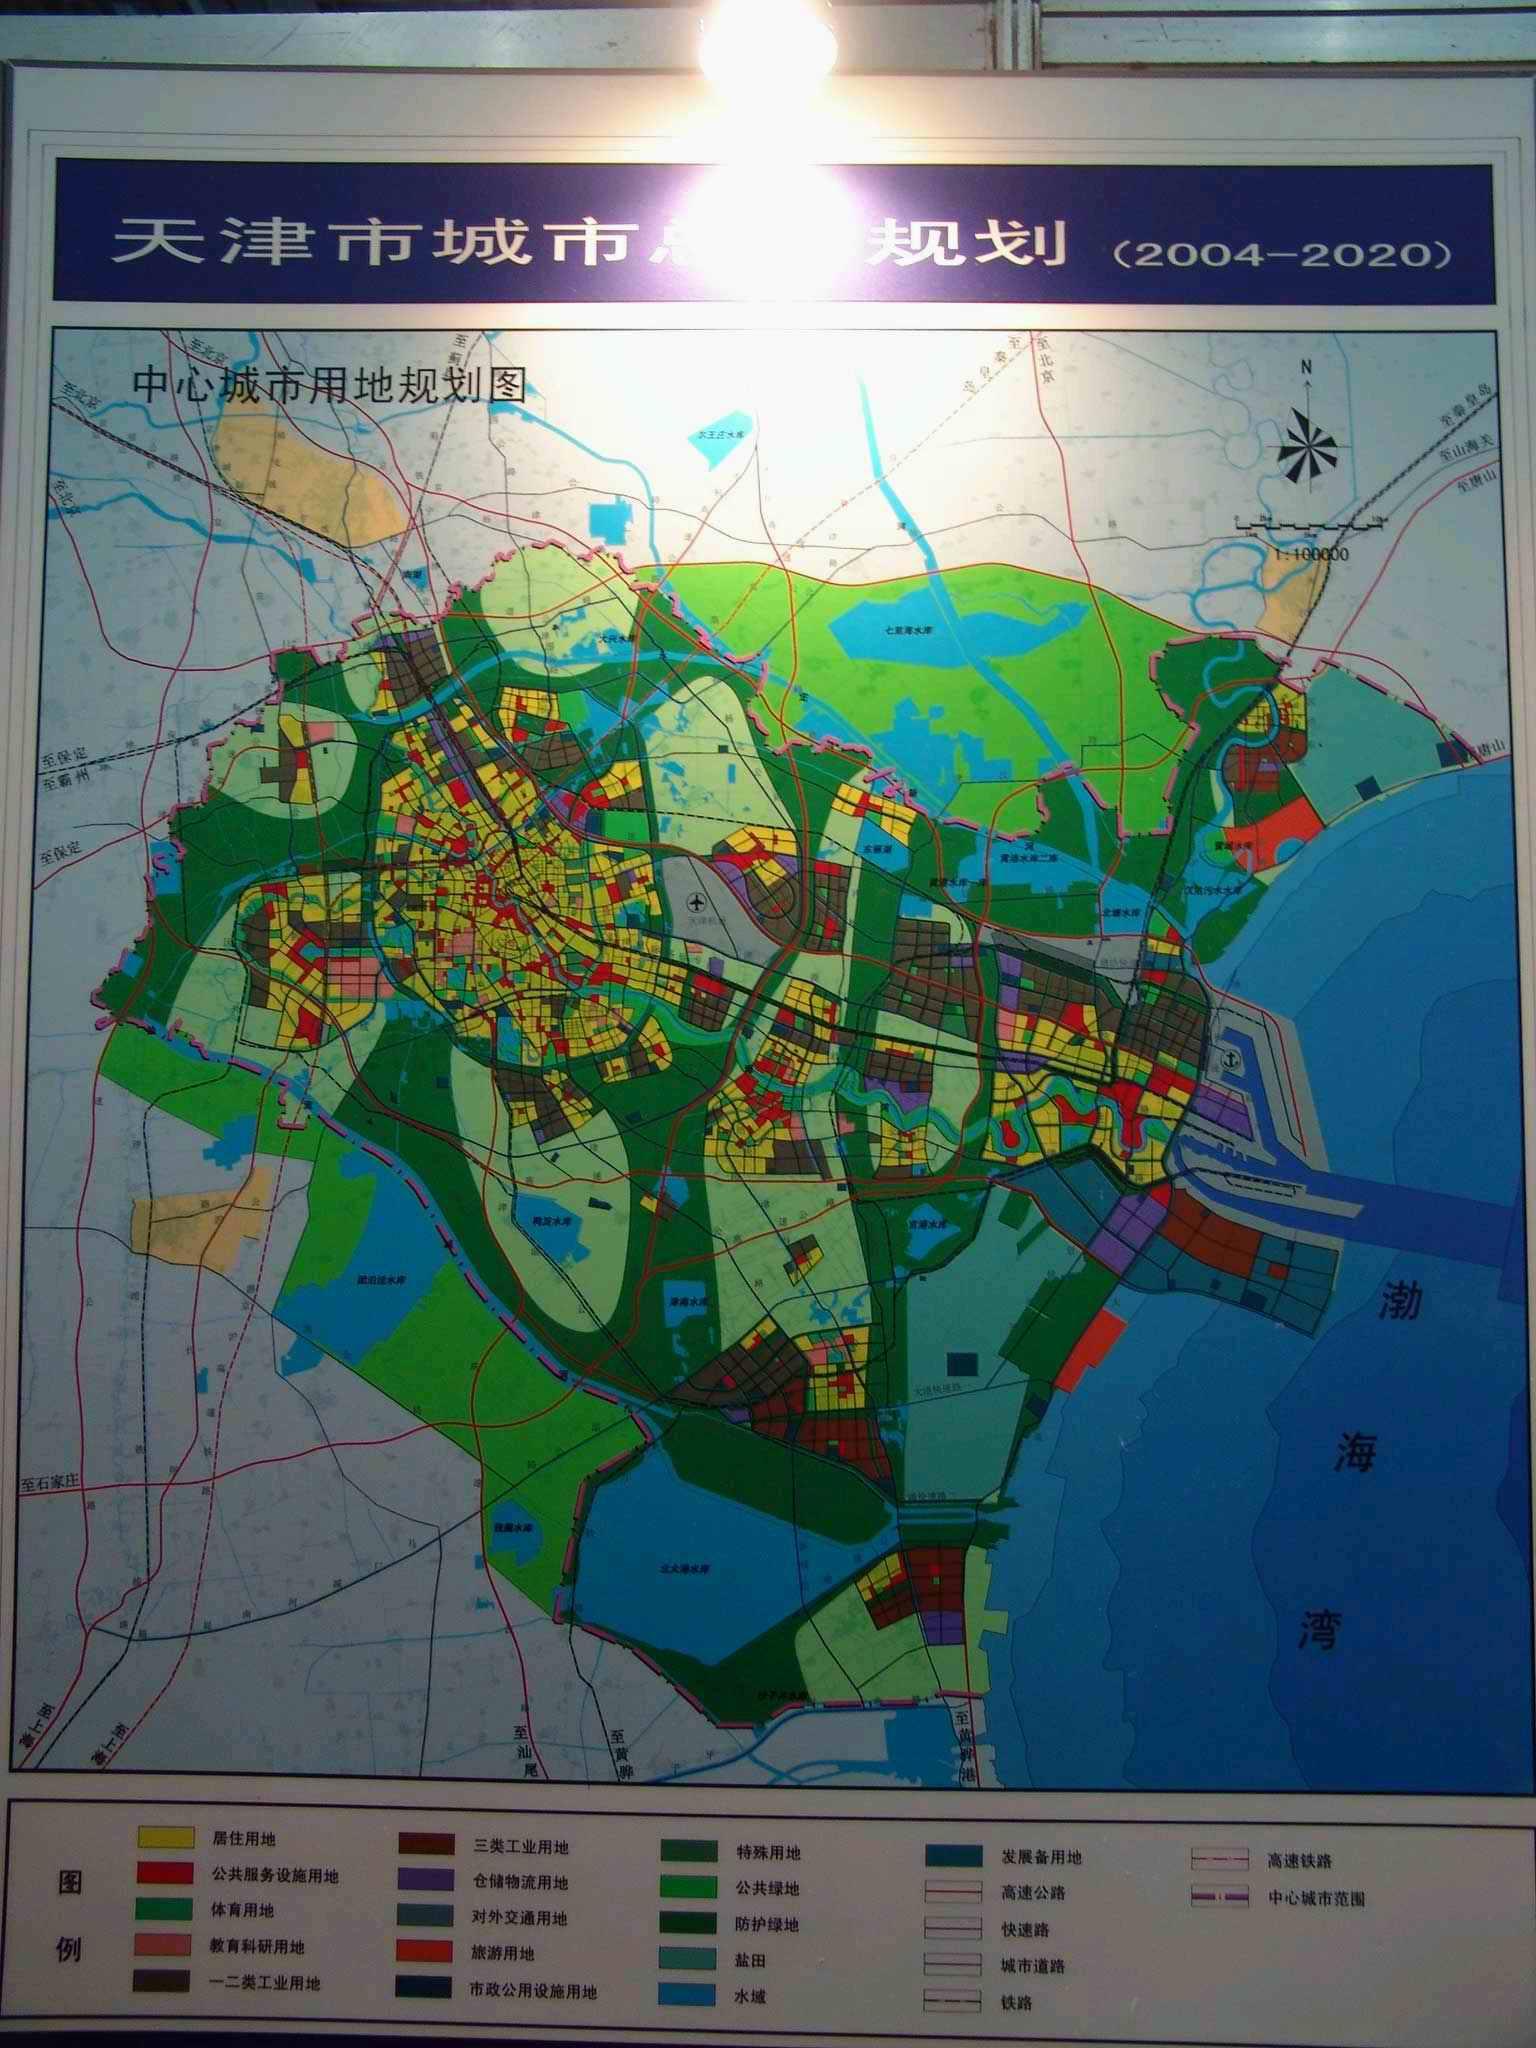 关于天津环外环规划范围   随着城市规模继续扩大,为充分发掘外环线外围城市组团与新兴城市功能区的经济发展潜力,实现中心城区与外围组团及外围组团间的快速交通联系,疏解、平衡天津市域内各区县及与天津市中心城区有关的外省过境交通,规划利用现状公路或新开辟线路形成